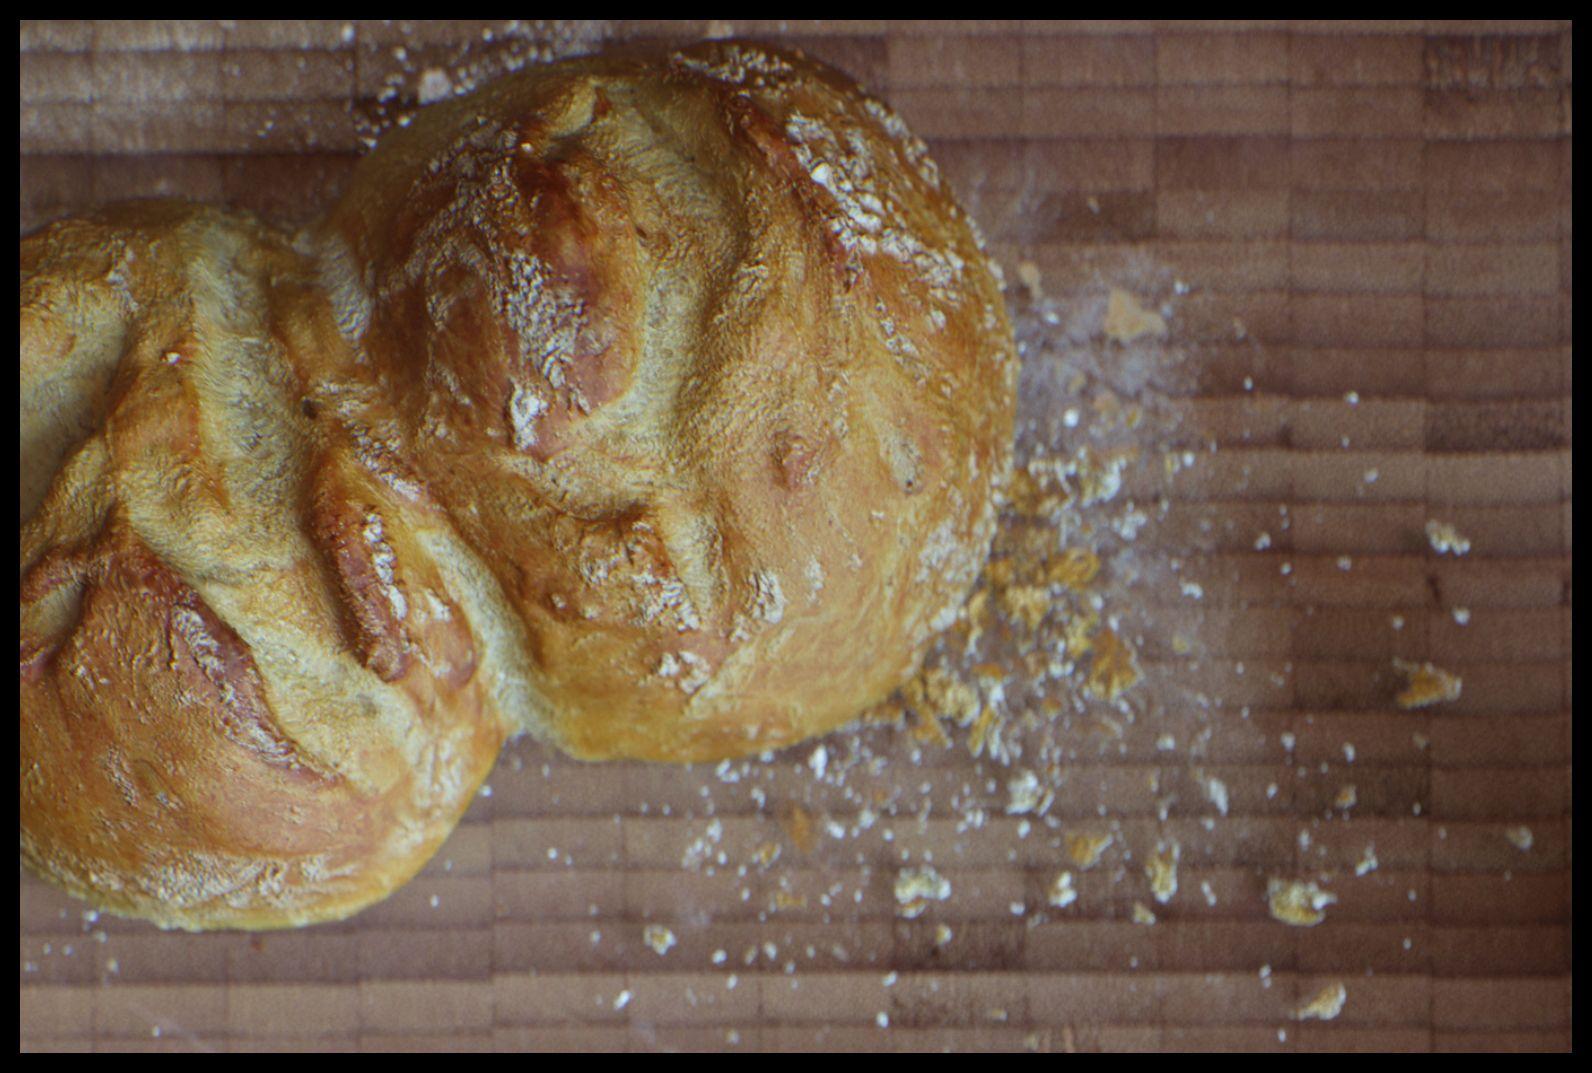 atelier_feuerroth_teaser_bread_top.jpg (1592×1073)